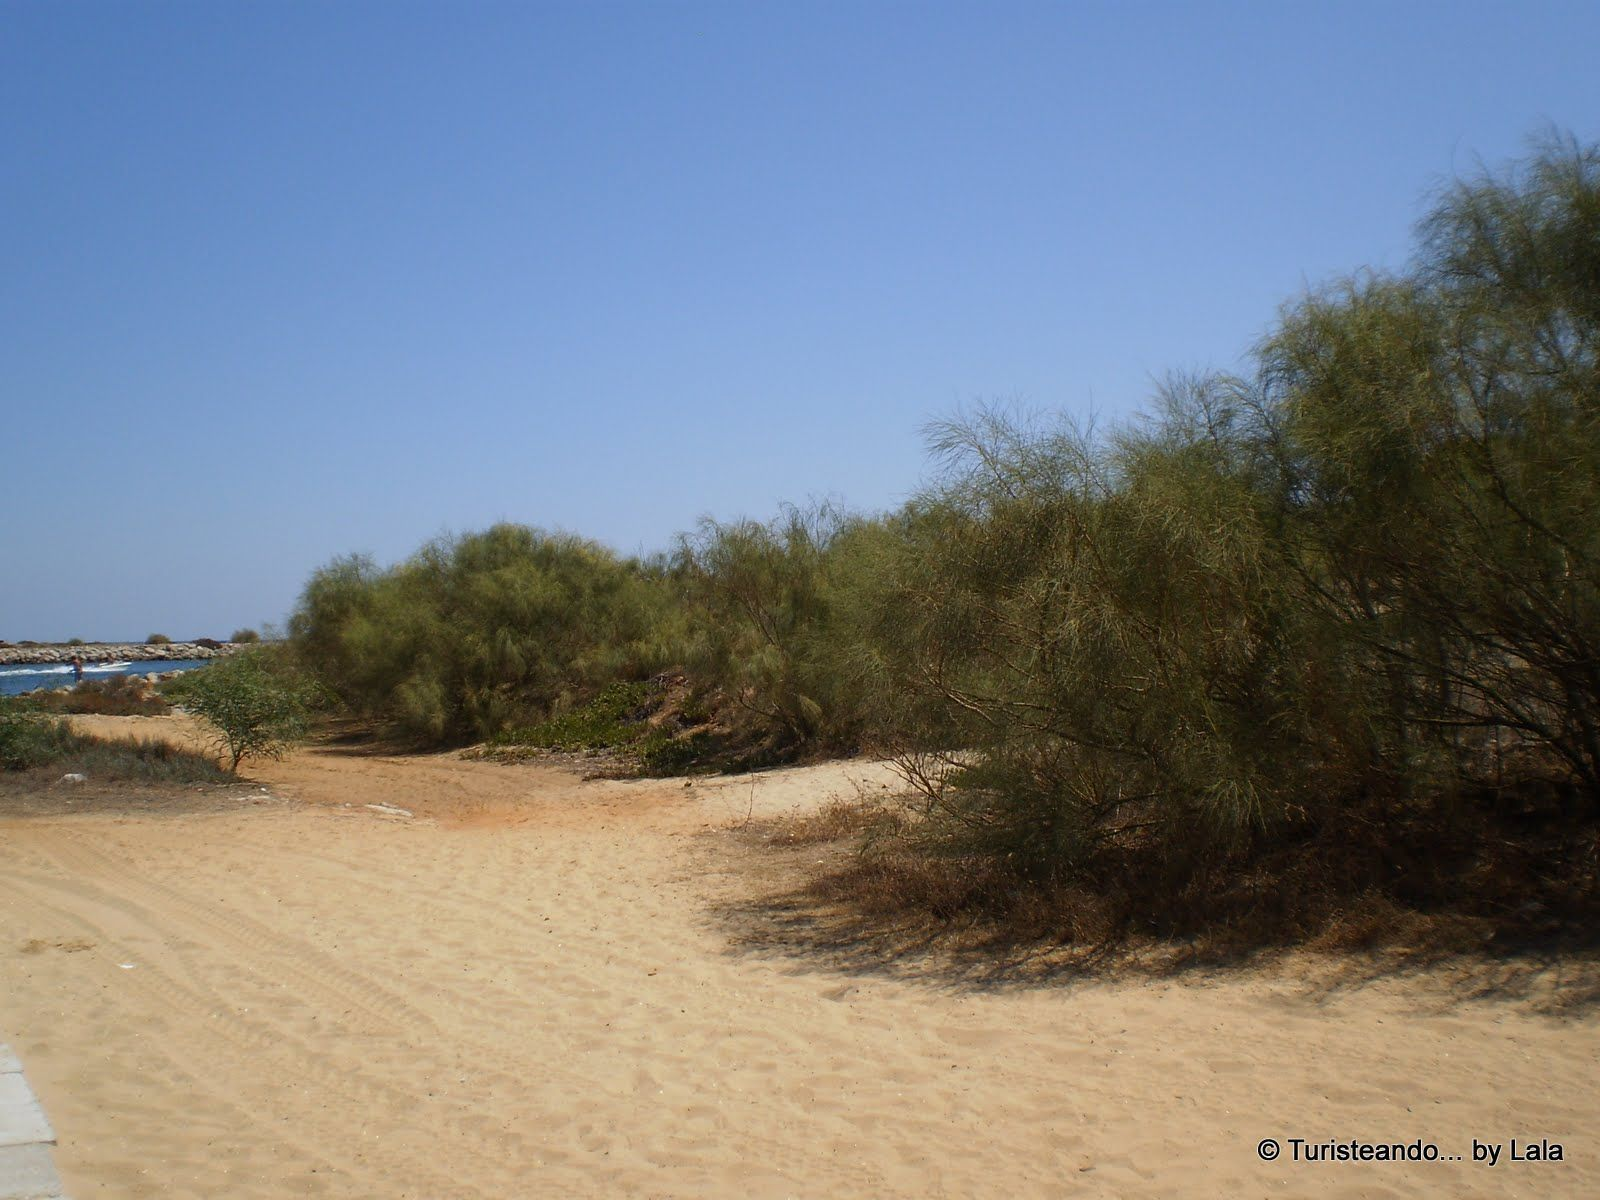 parque natural ria formosa dunas